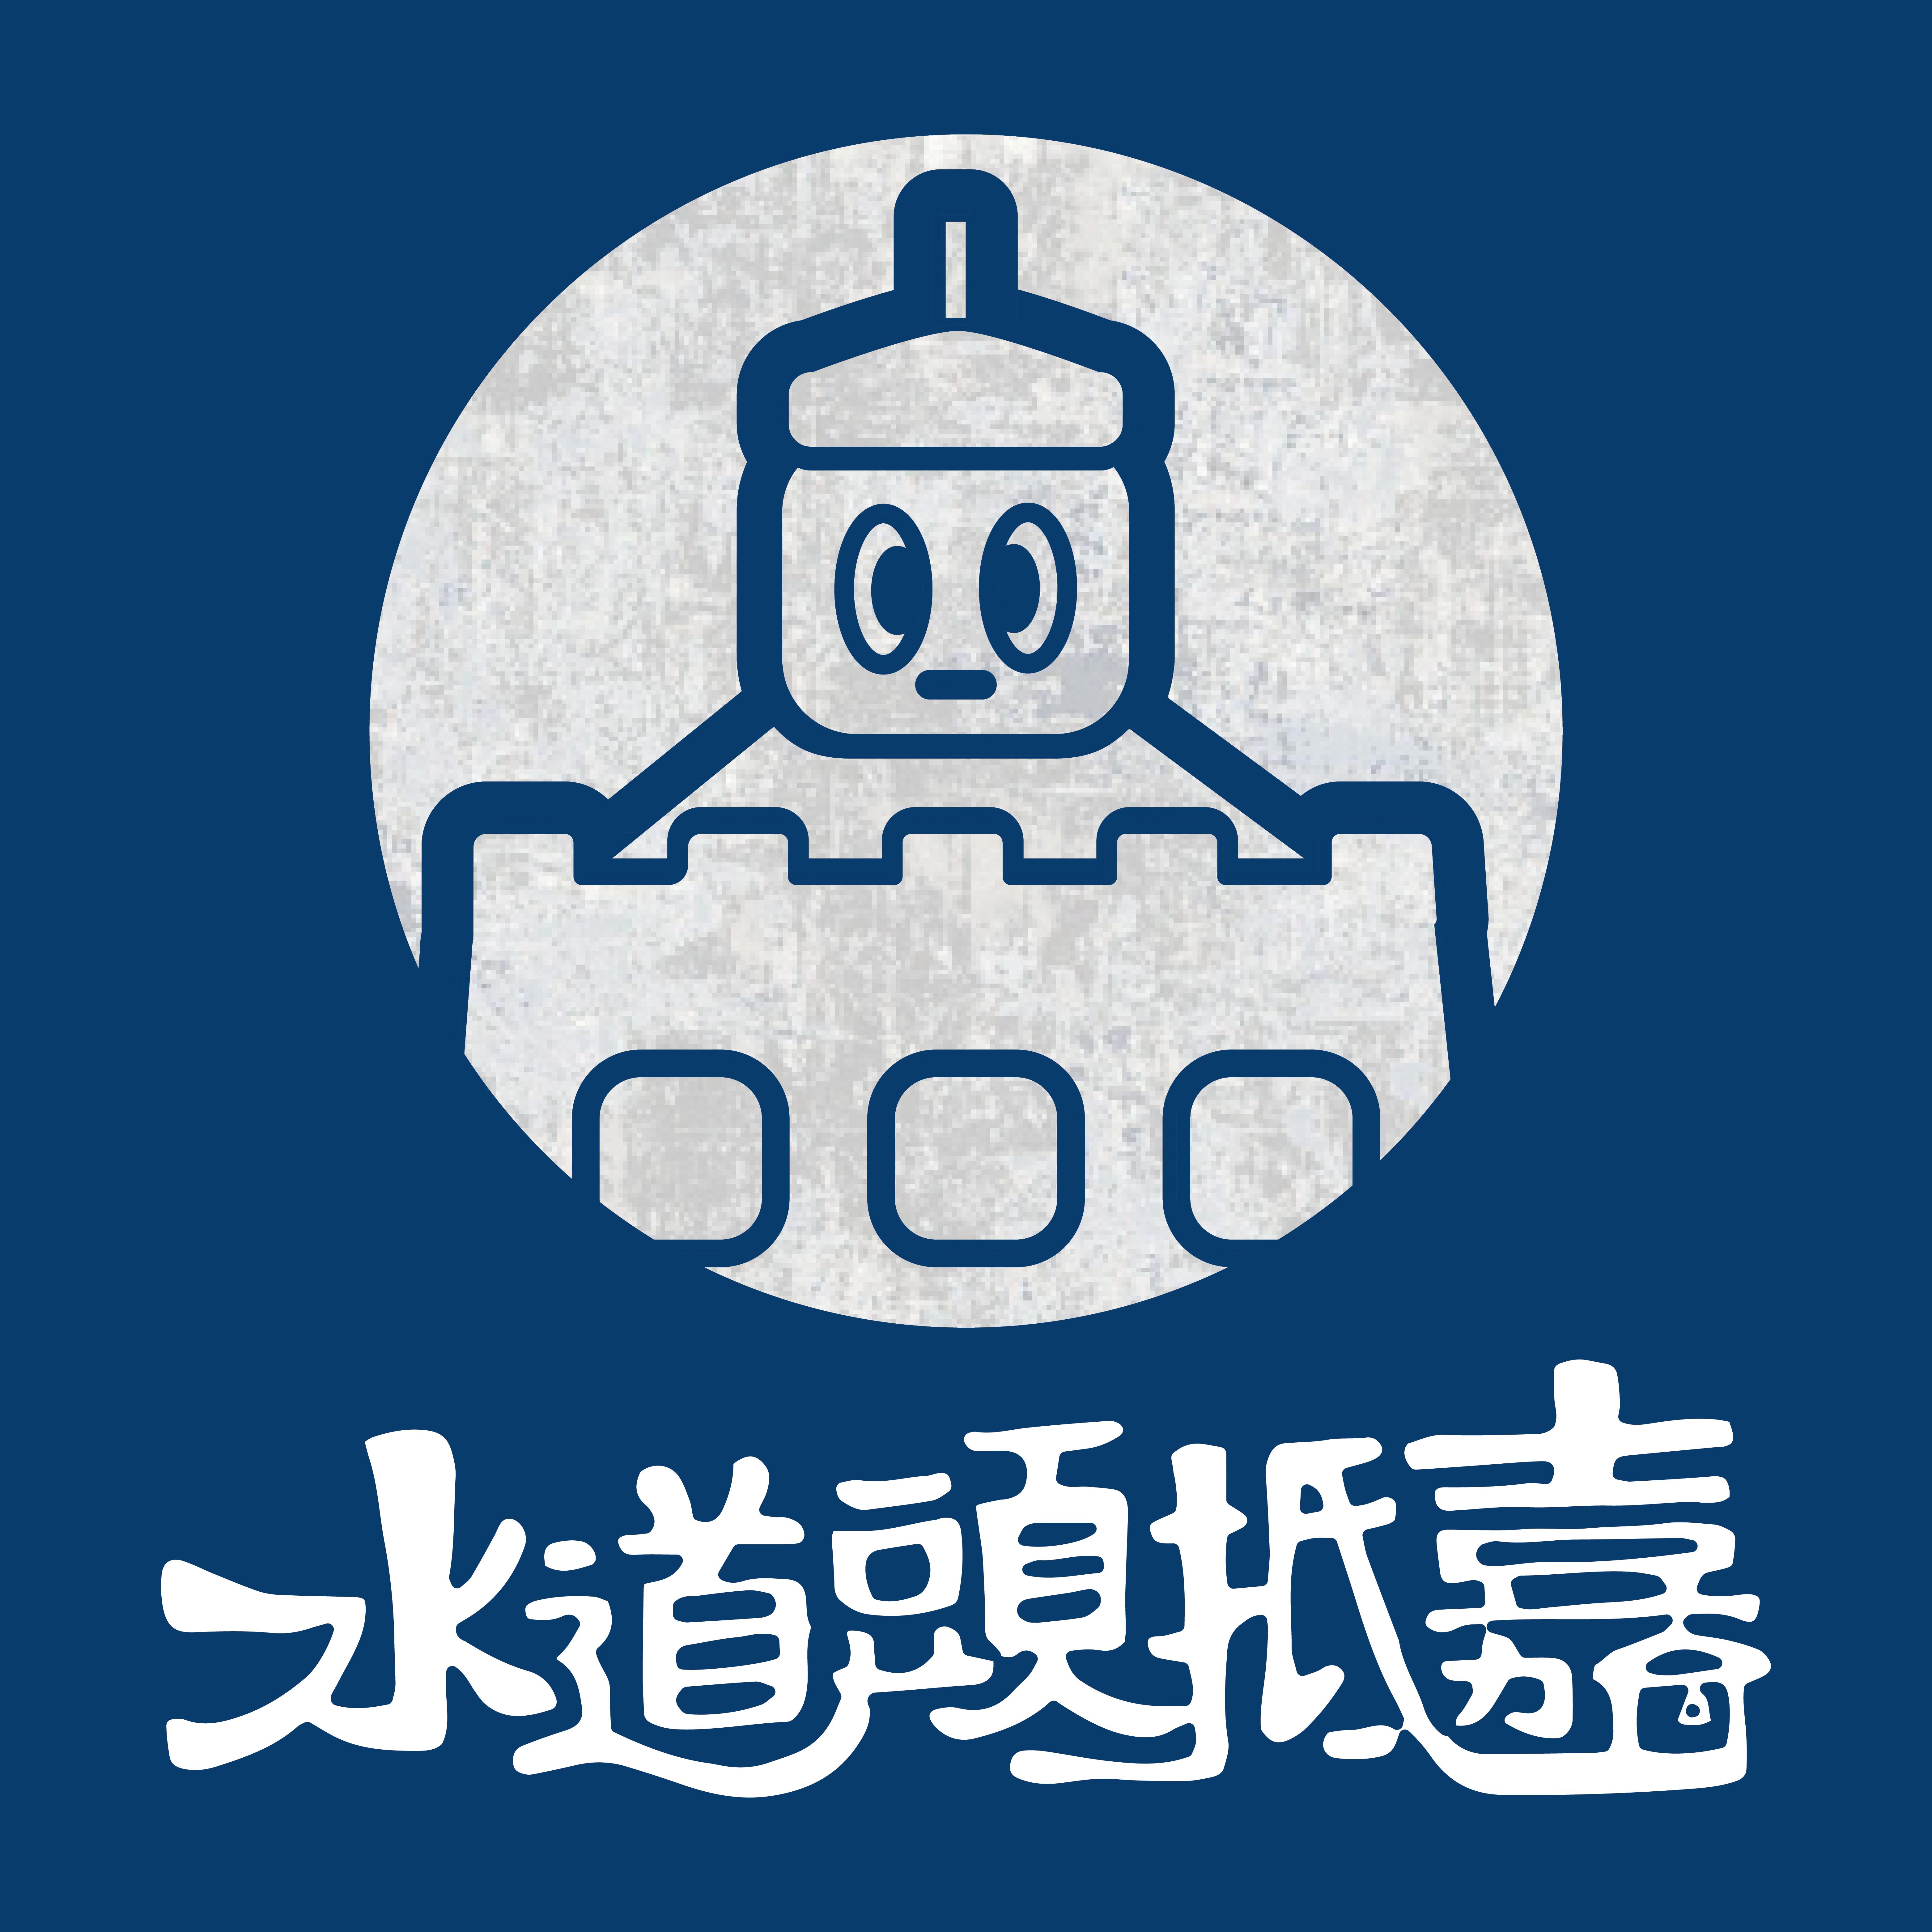 水道頭抵嘉ep4│台灣第一個國際級穹頂影展抵嘉,科技藝術是蝦米?(下)